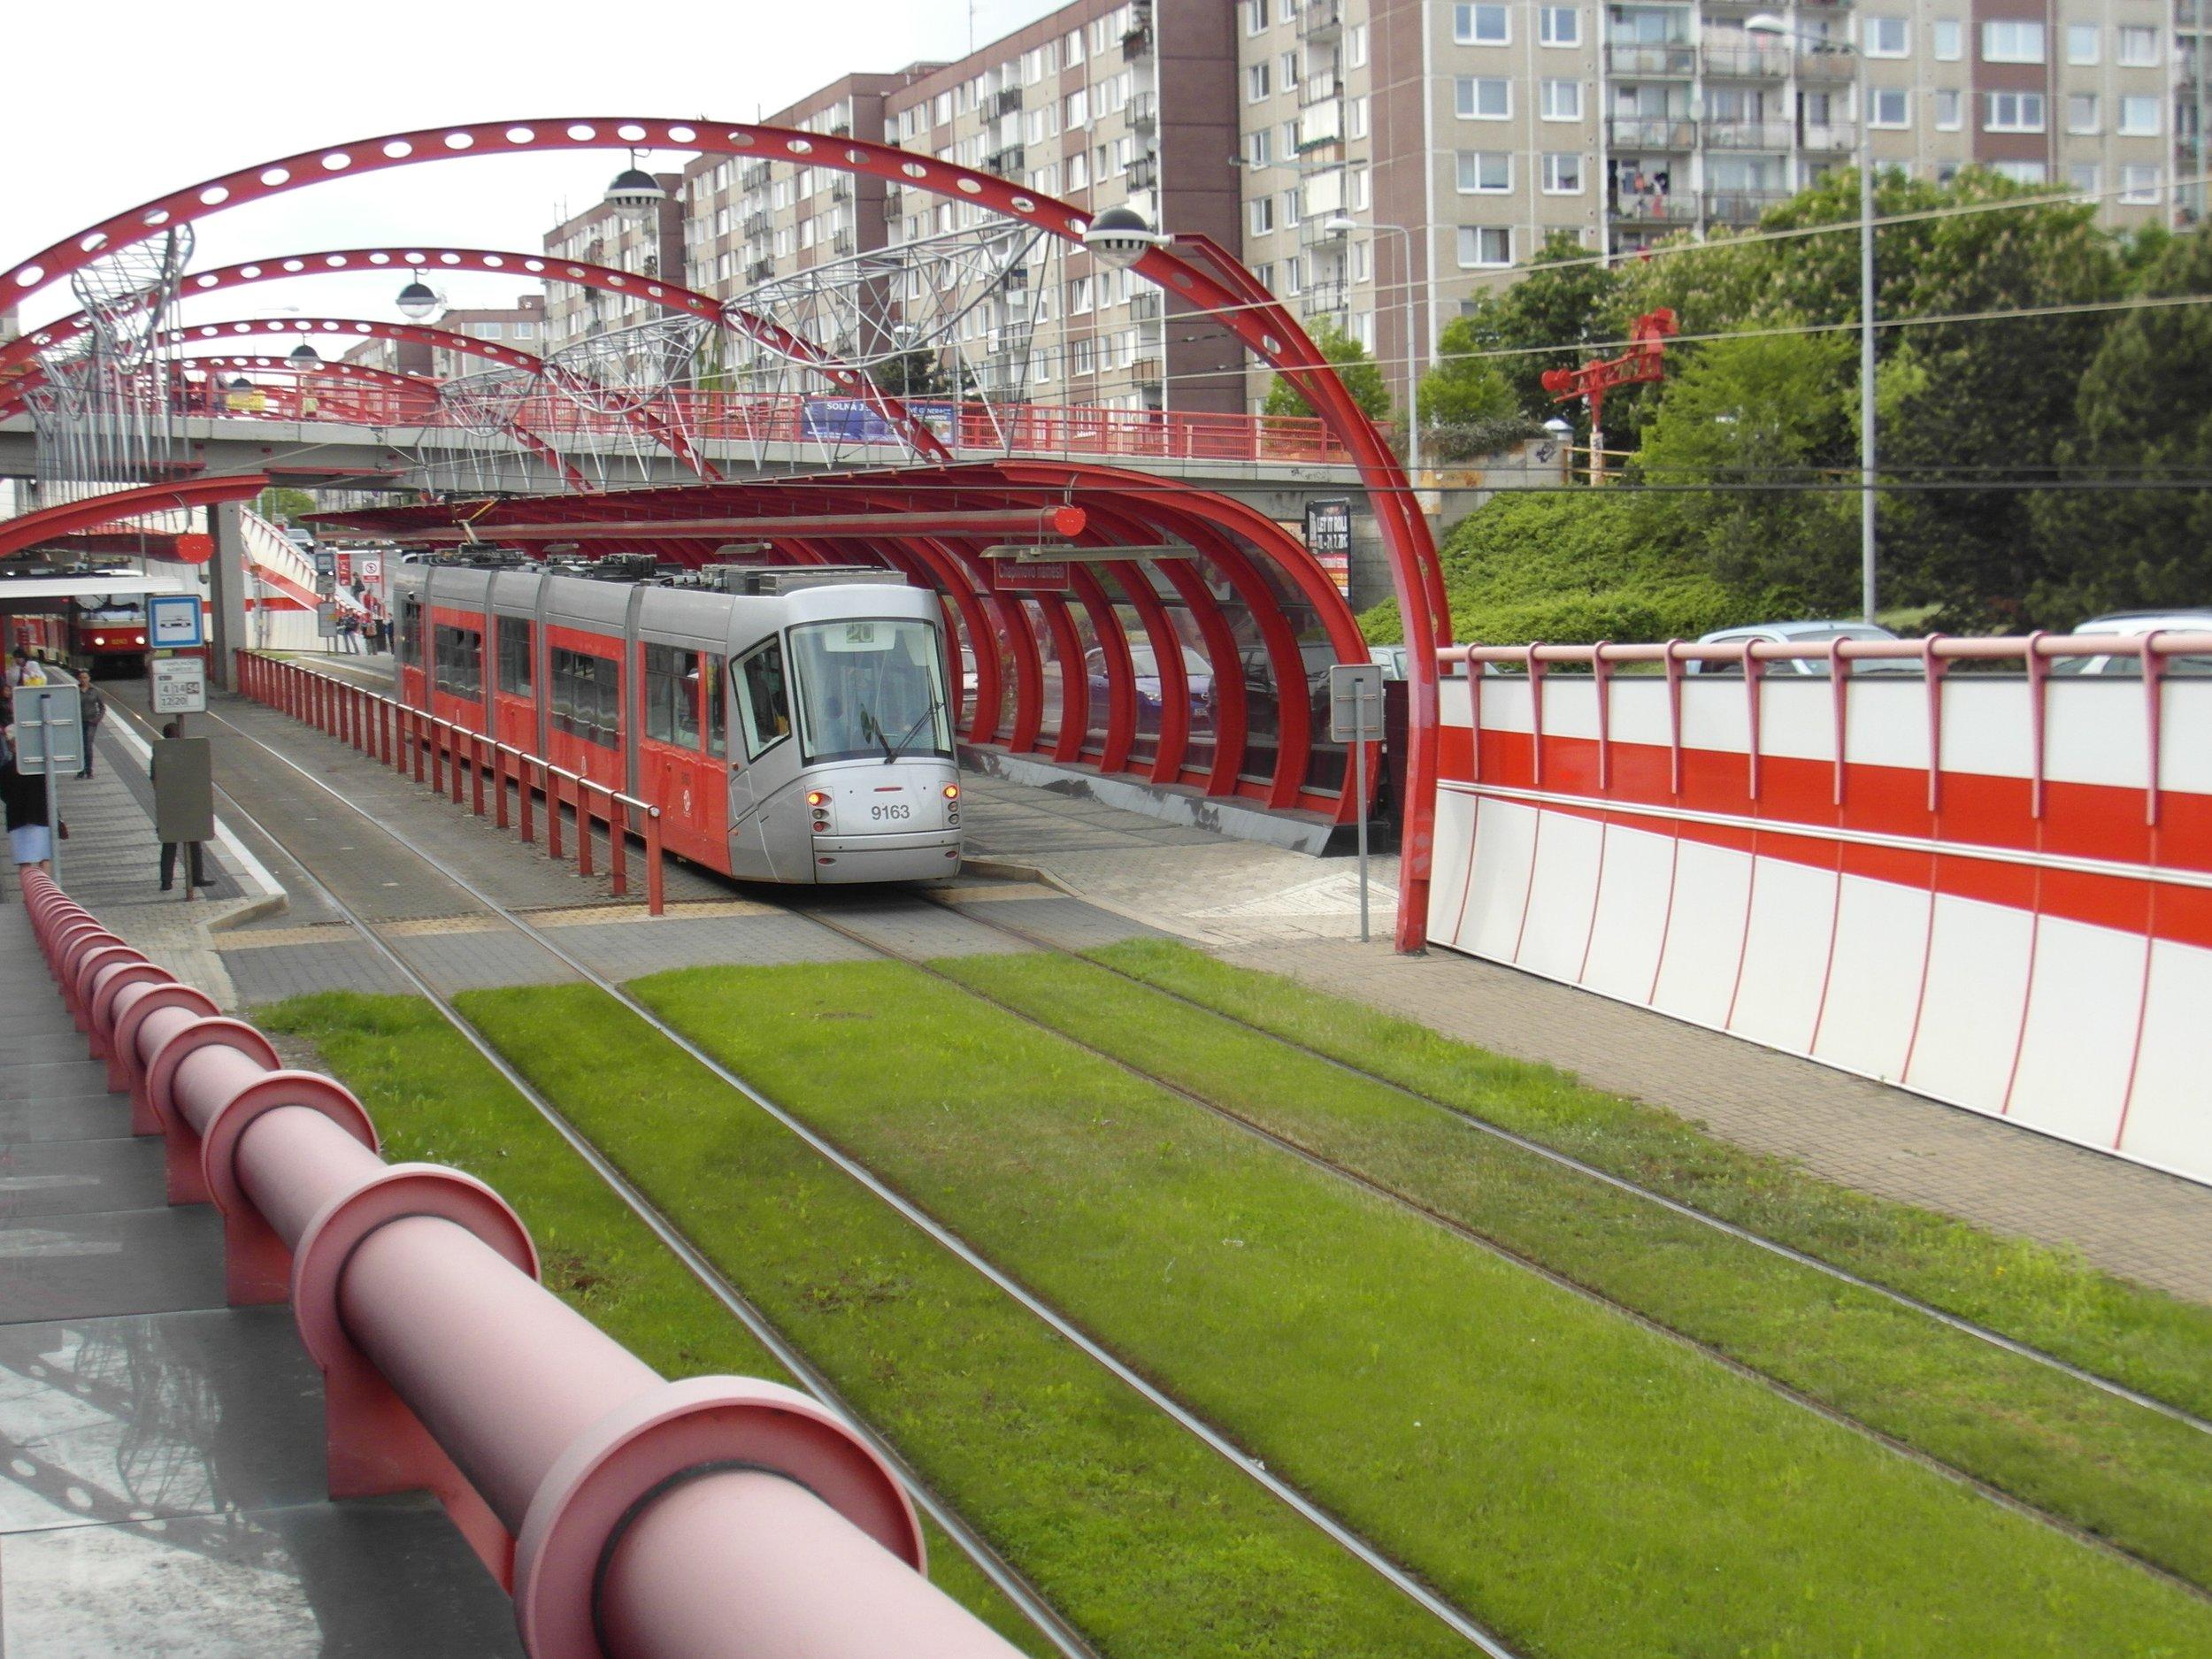 Zastávka Chaplinovo náměstí na tramvajové trati na sídliště Barrandov. Zastávky na tramvajové trati patří mezi nejvíce kritizované stavby architekta Kotase. (zdroj: Wikipedia.org)